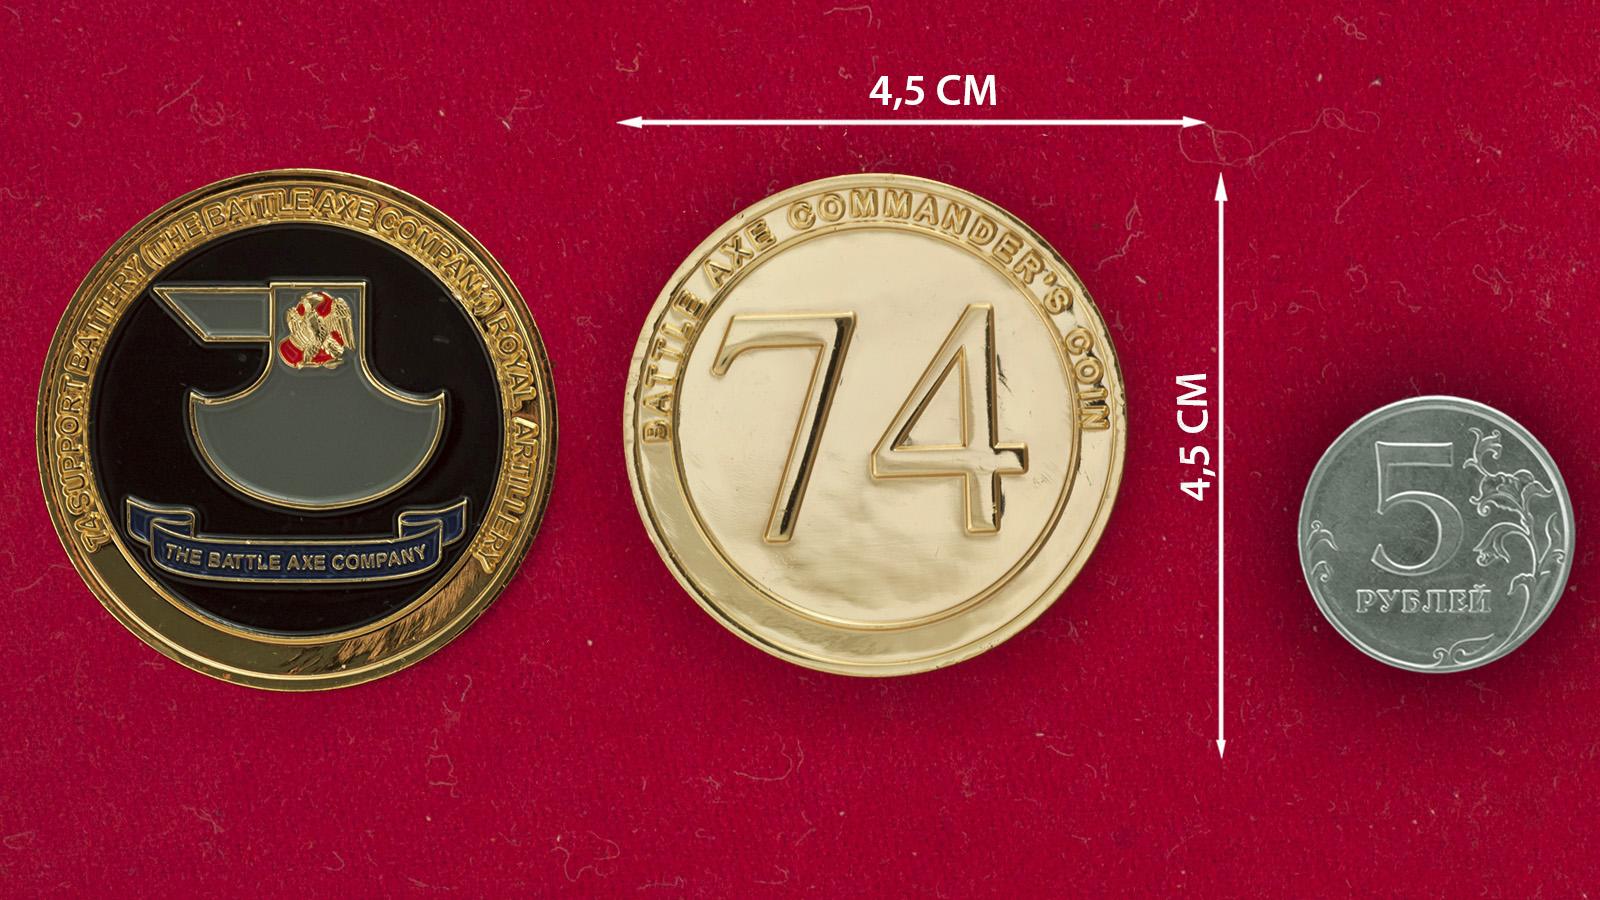 Челлендж коин офицеров 74-й артиллерийской батарии 1-й разведывательной бригады Королевской армии Великобритании - сравнительный размер